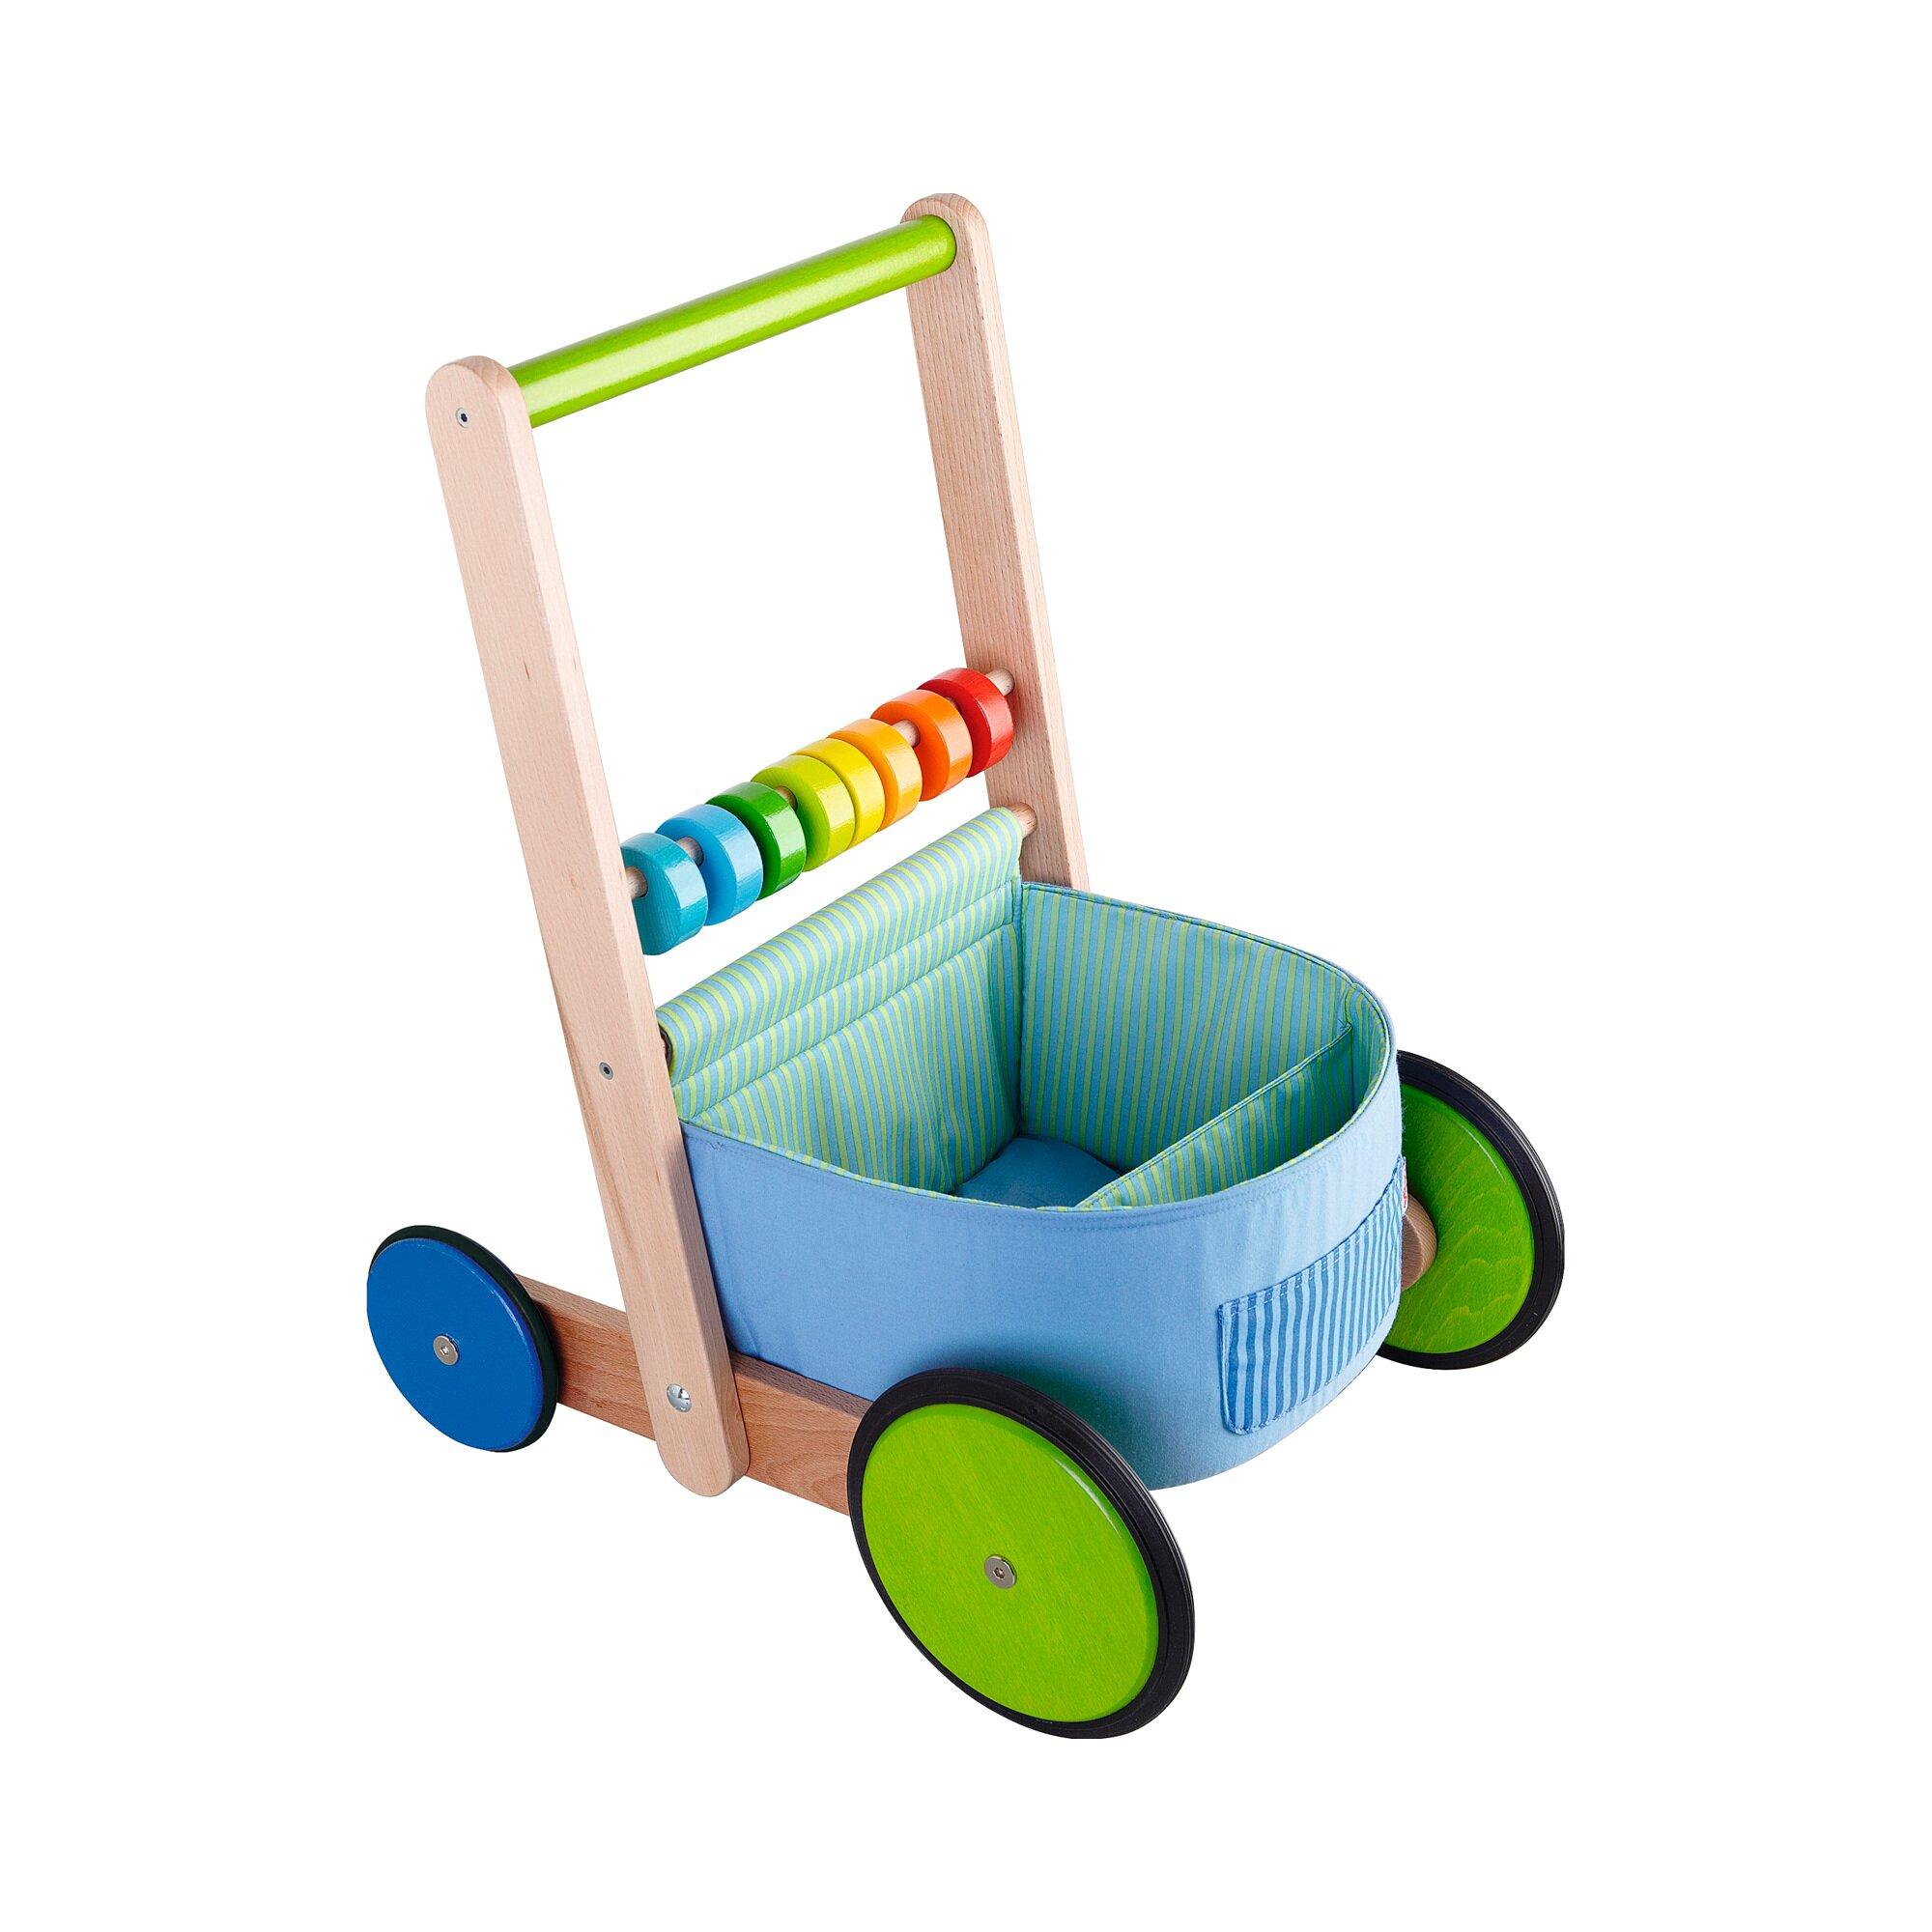 Haba Lauflernwagen Farbenspaß